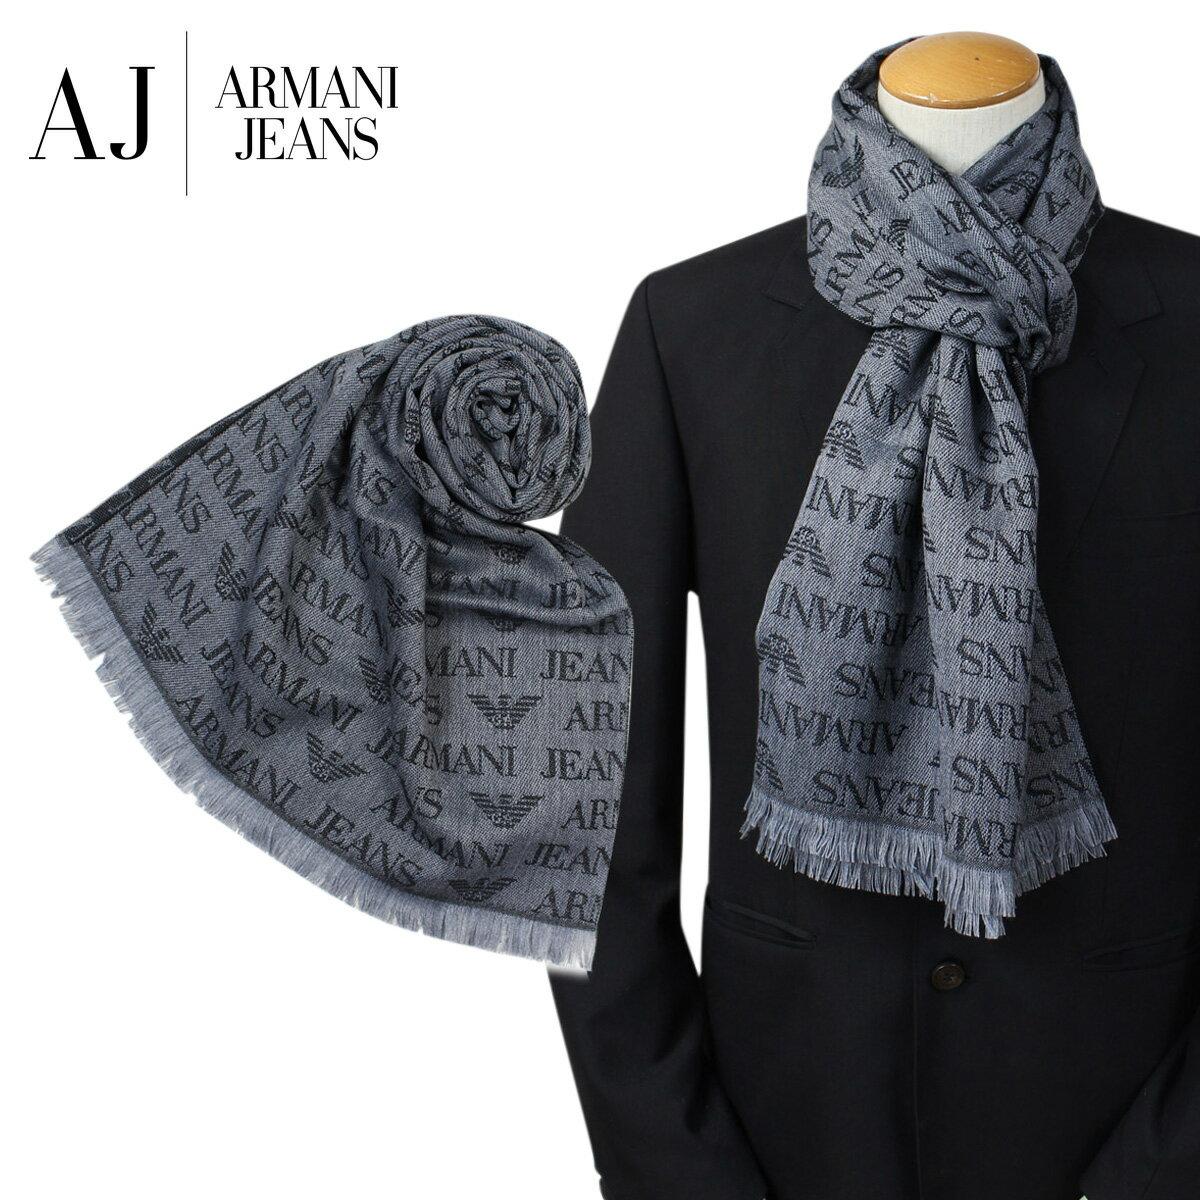 アルマーニ マフラー メンズ ARMANI JEANS ウール イタリア製 ビジネス カジュアル 934504 CC786